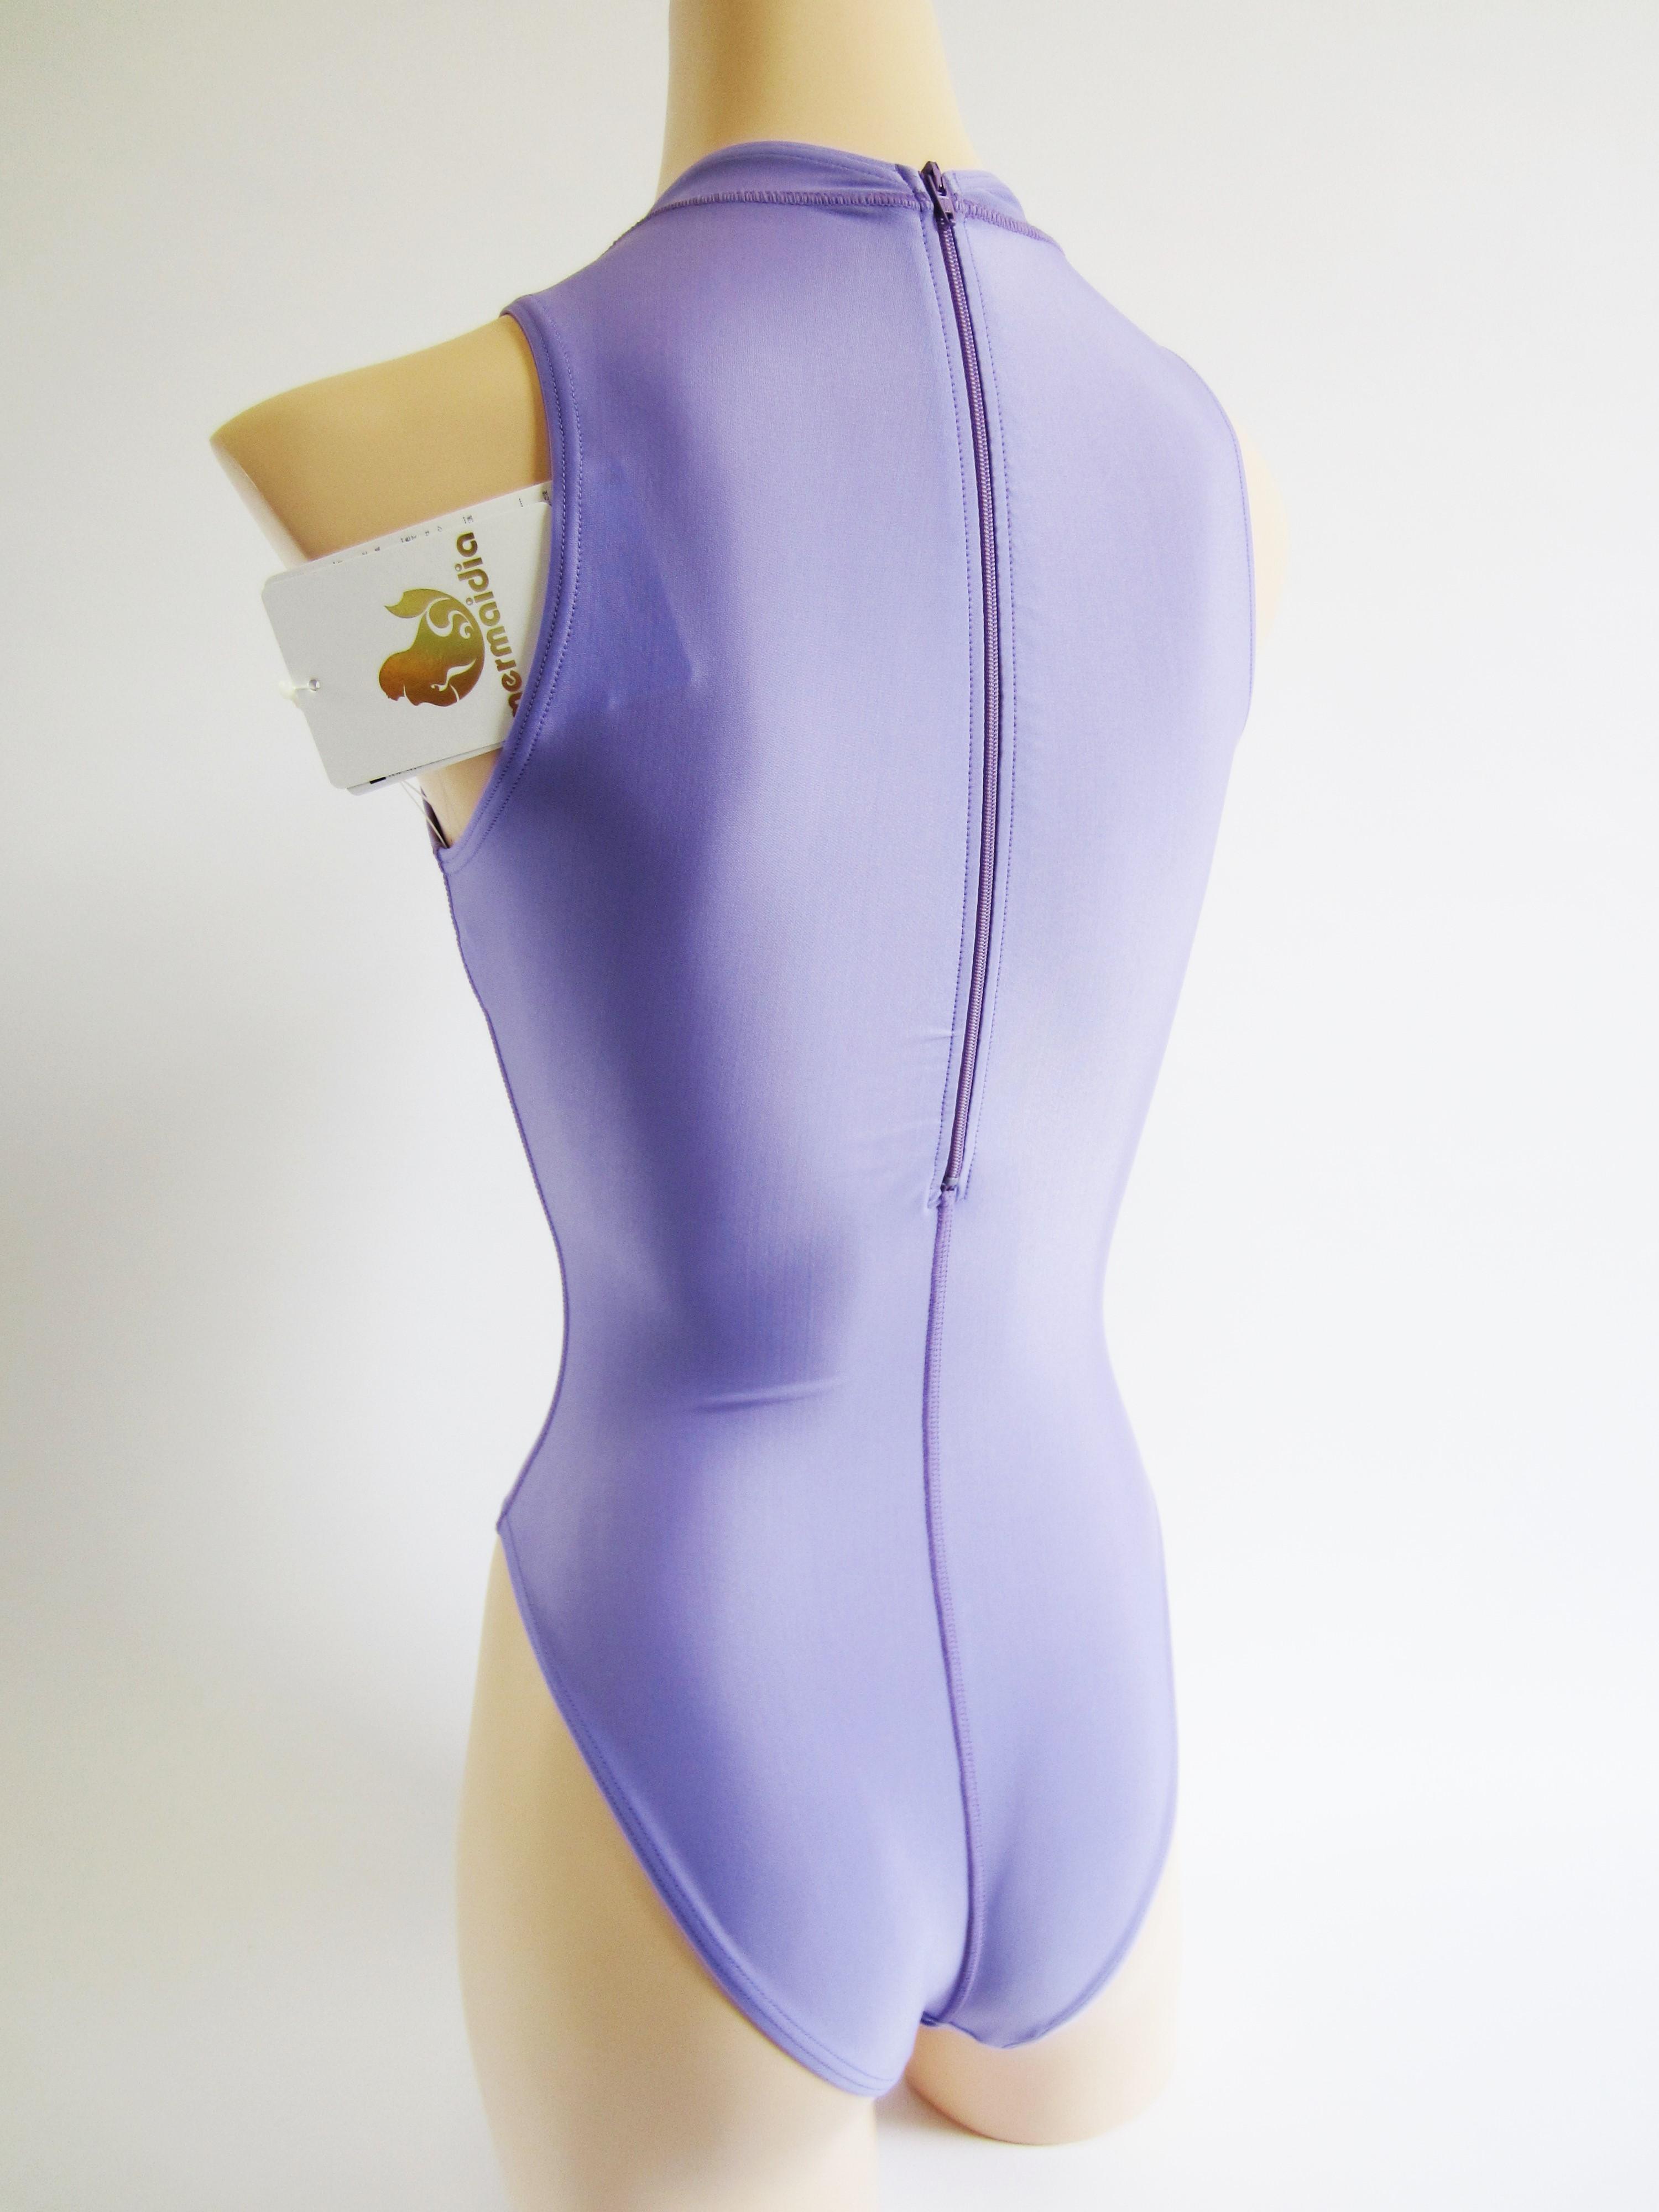 Mermaidia (マーメイディア) 女性用水球水着 ハイネック ラベンダー